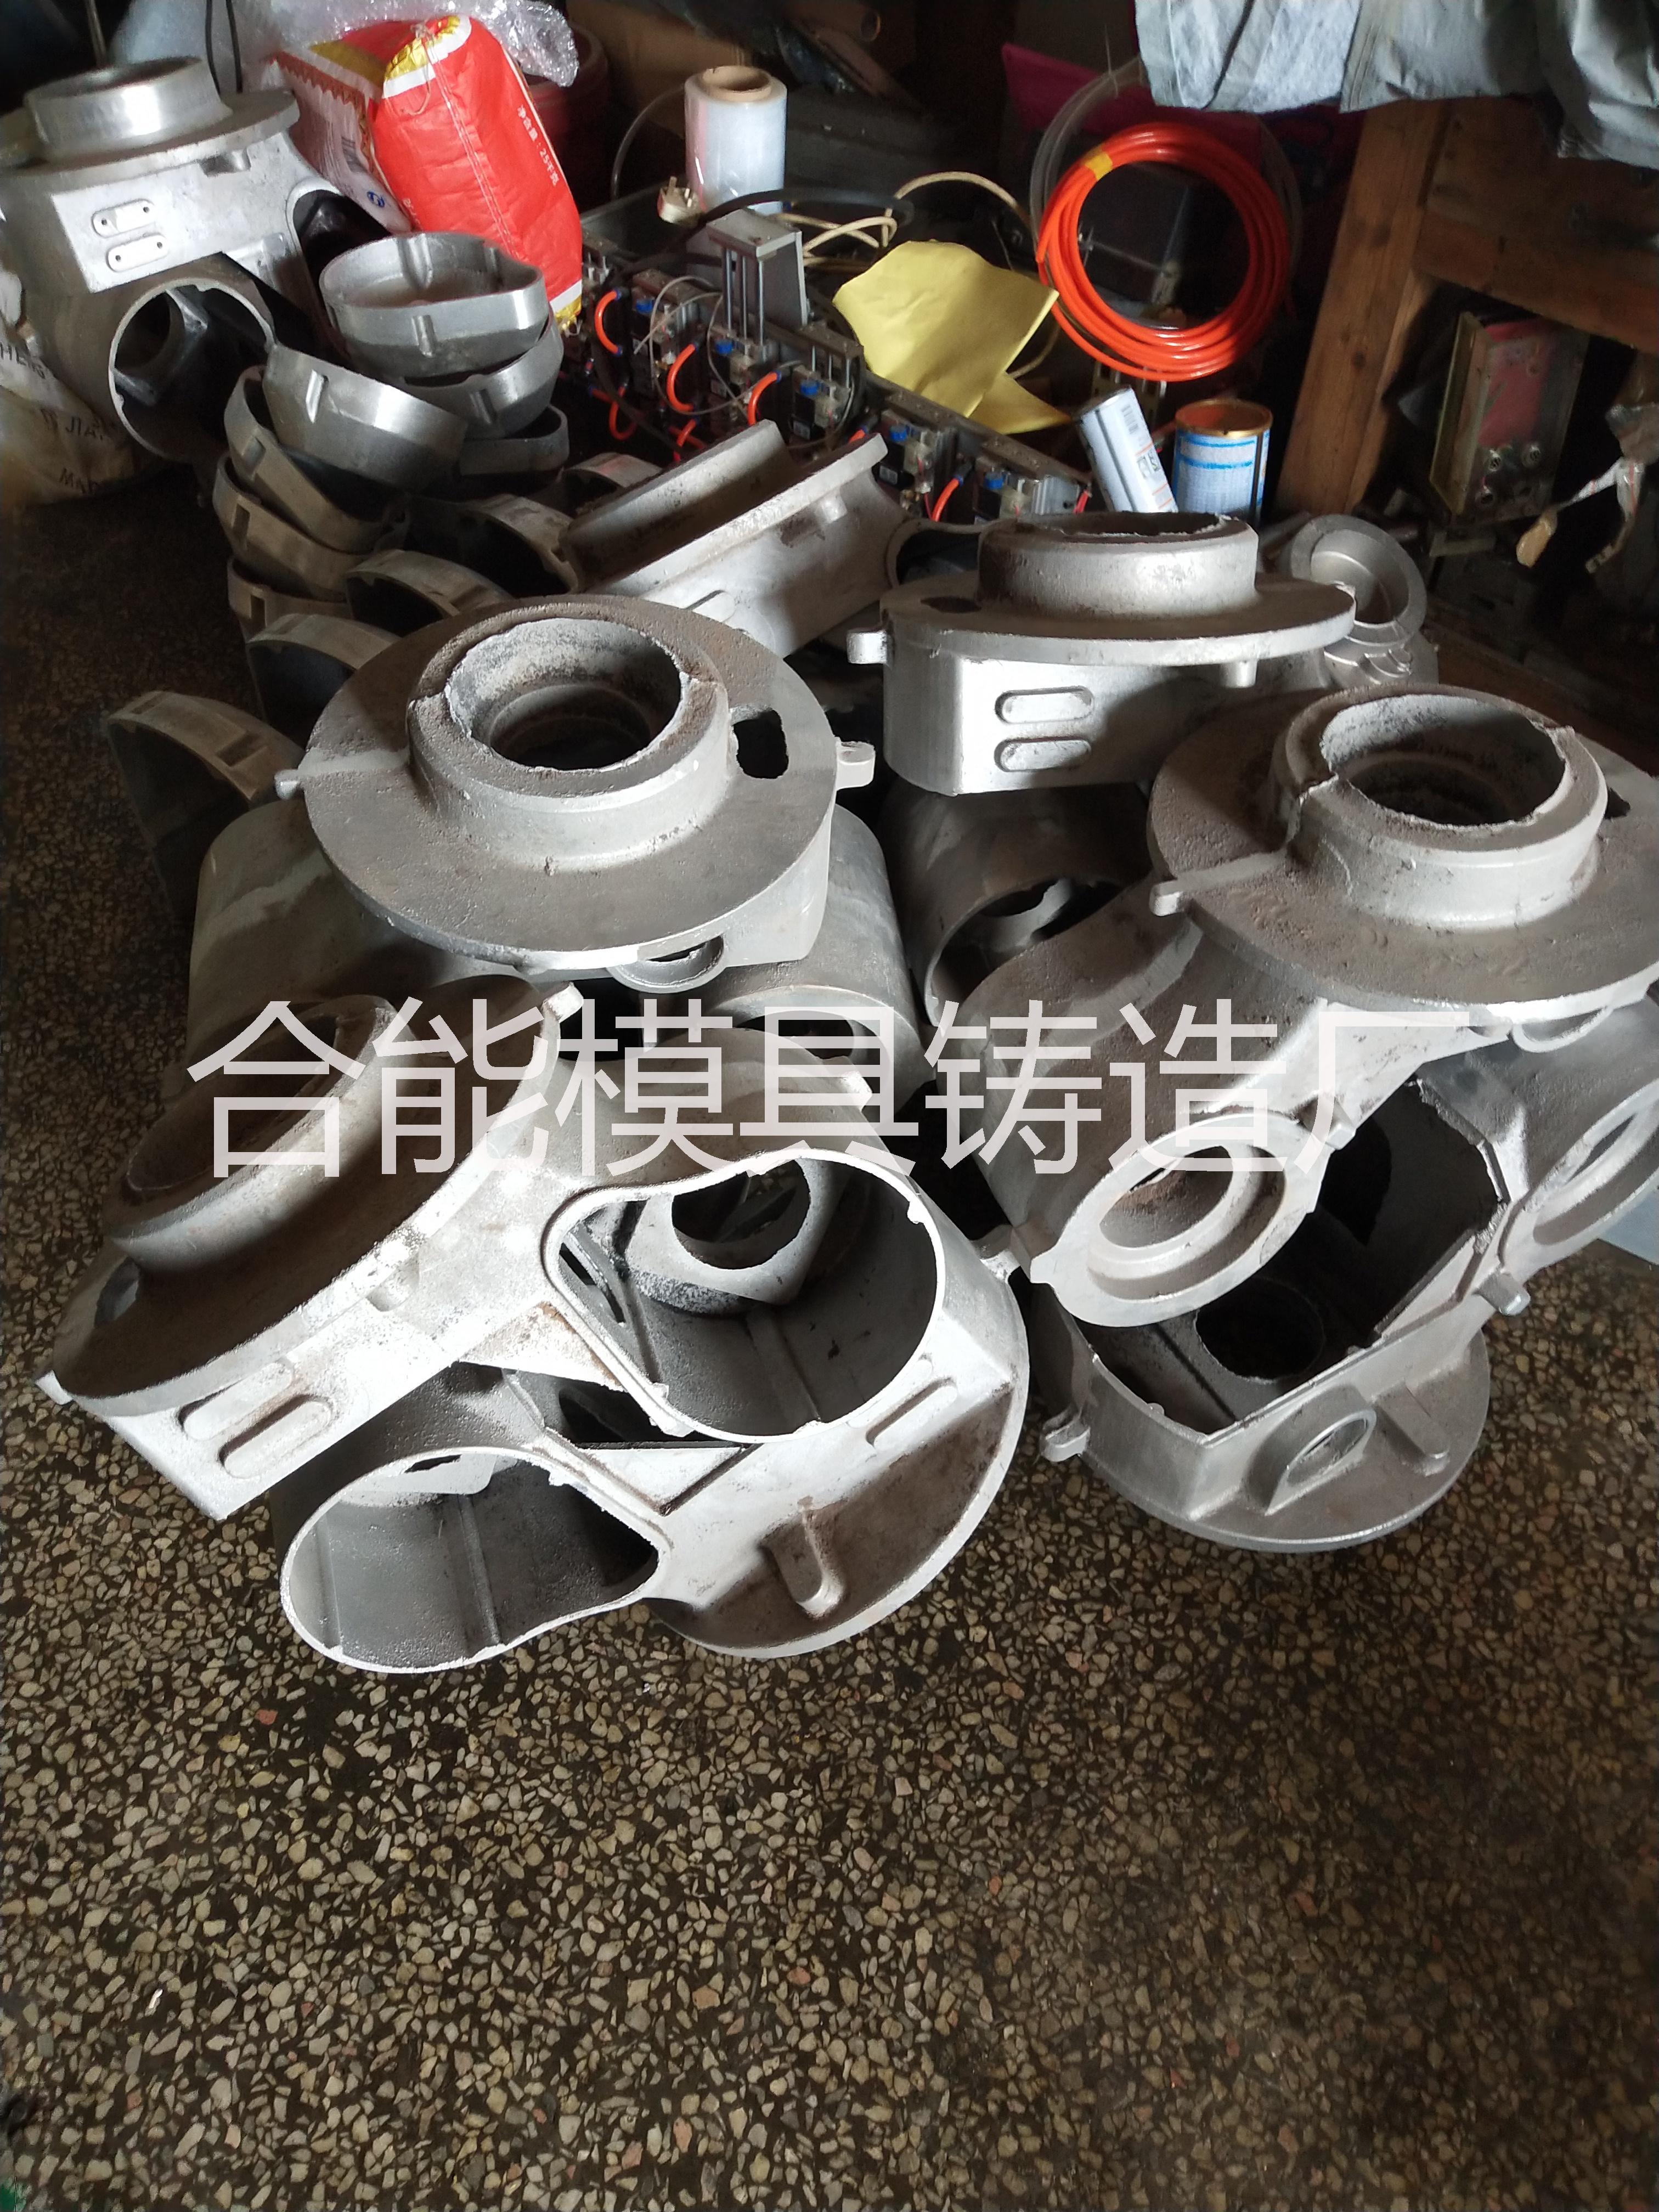 铝材应用于翻砂铸造上的作用